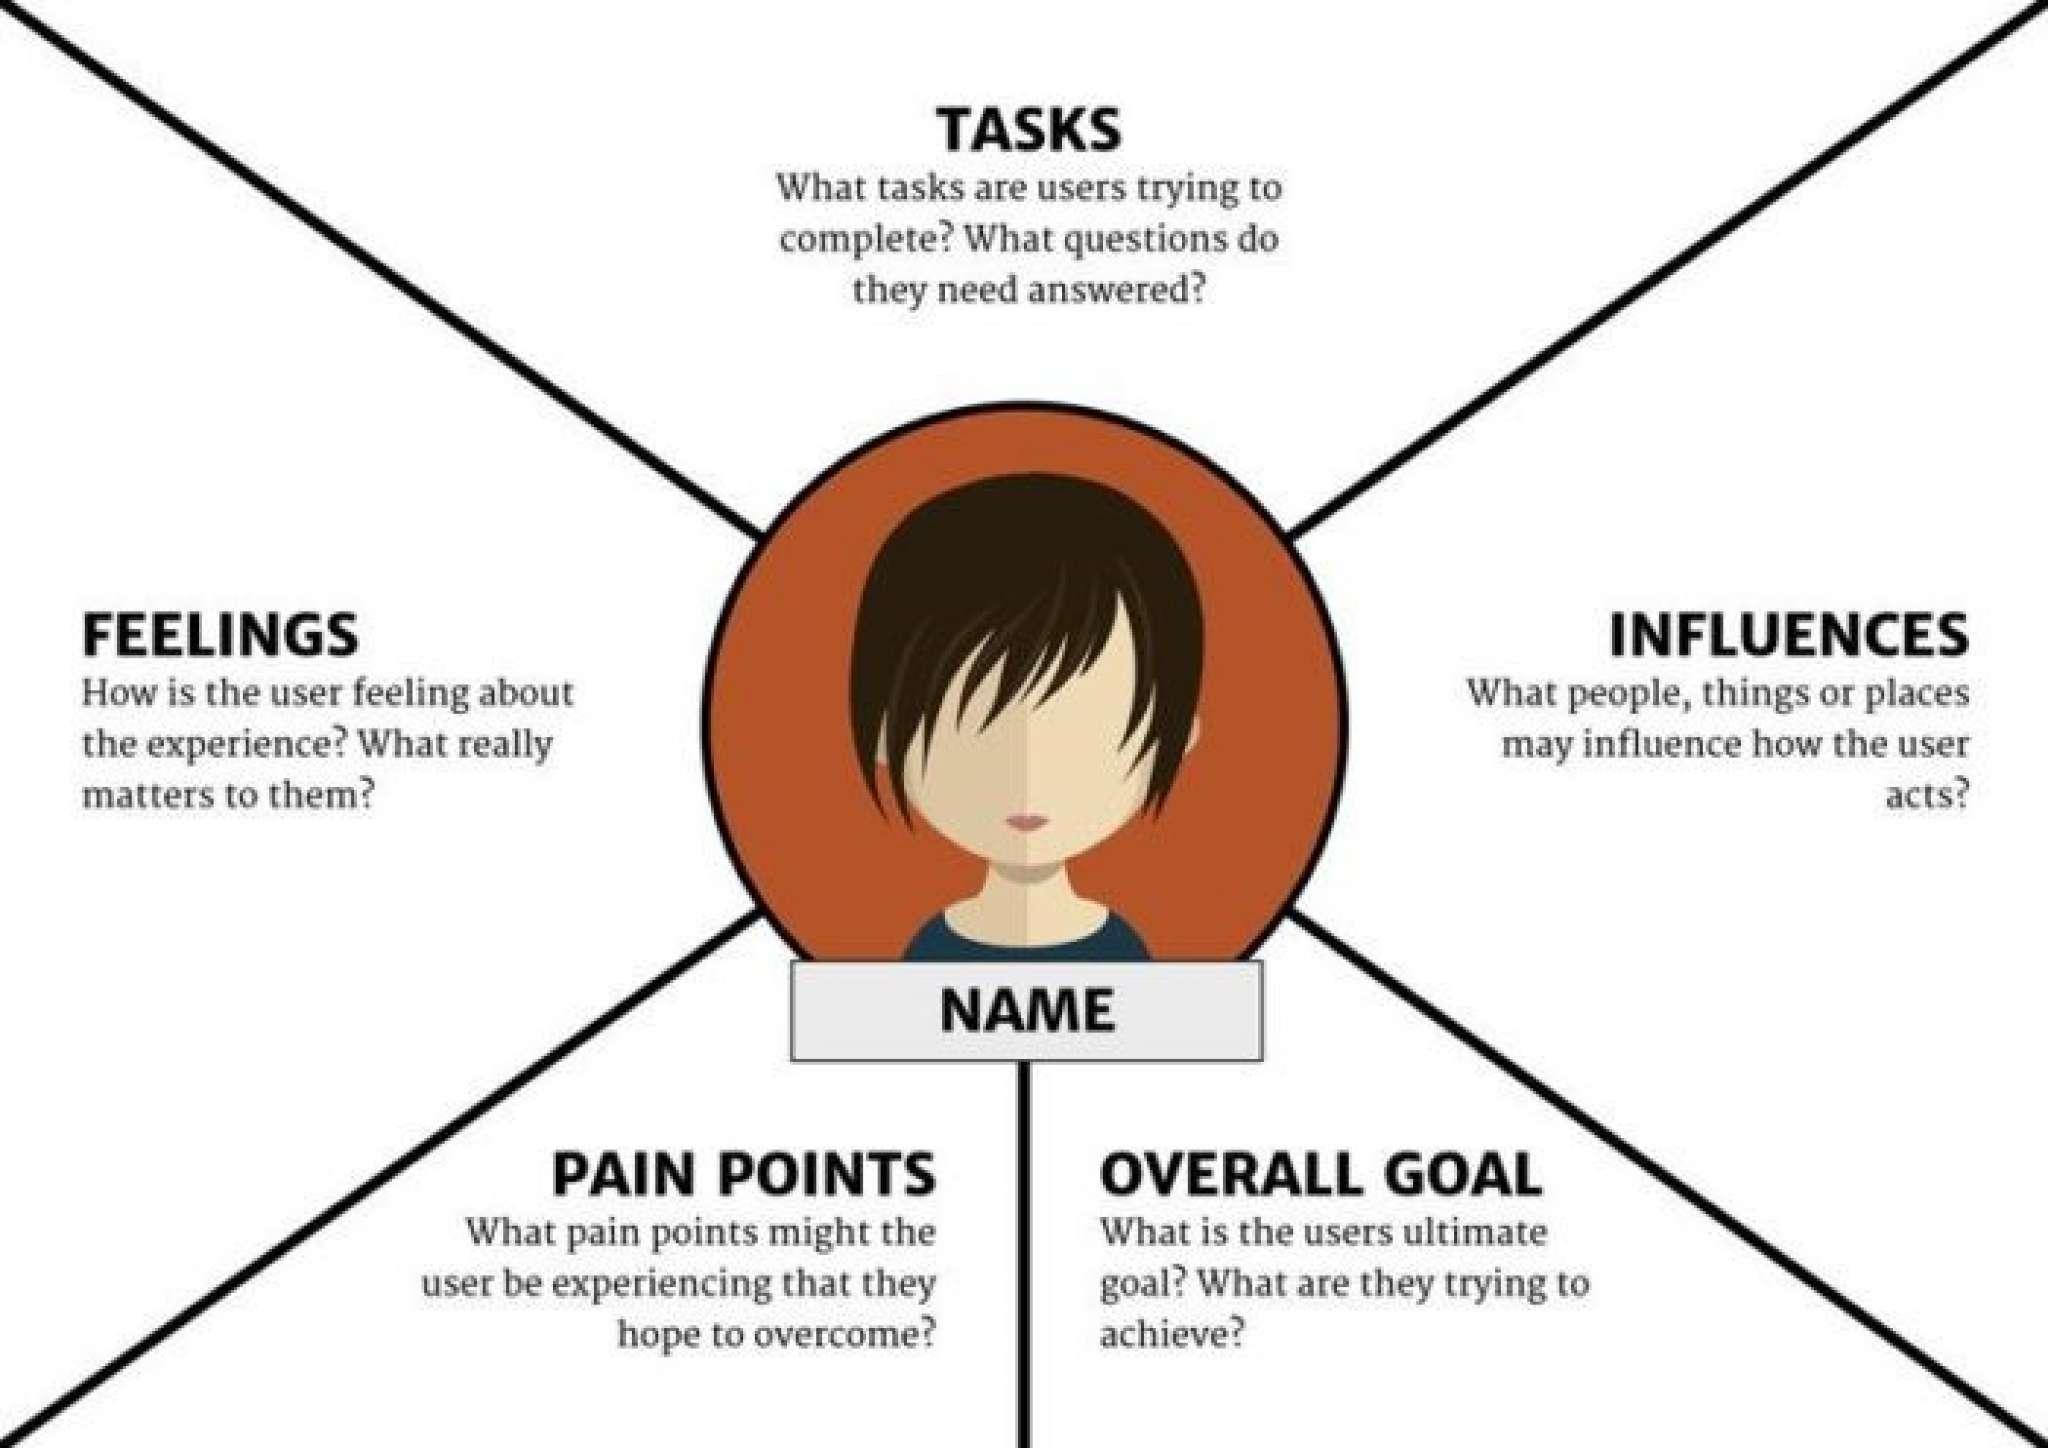 タスク、影響、目標、問題、感情の5つの区画に分割された共感マップ。